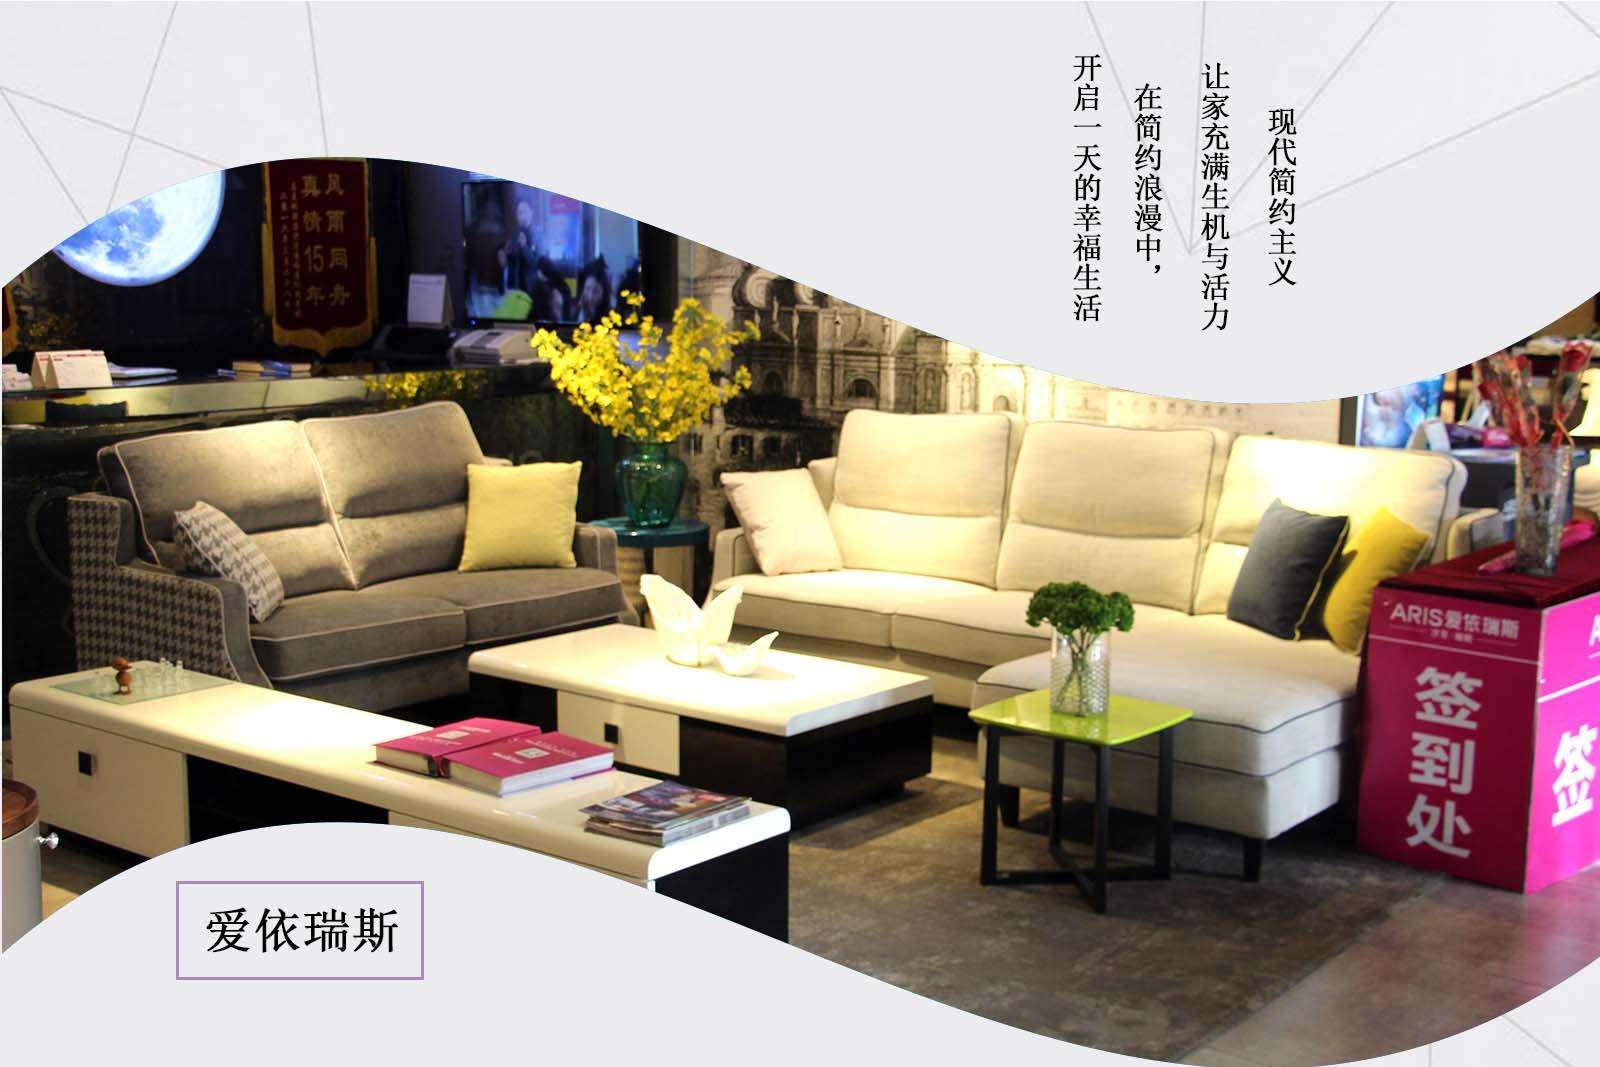 爱依瑞斯家具现代简约风格缔造温暖之家